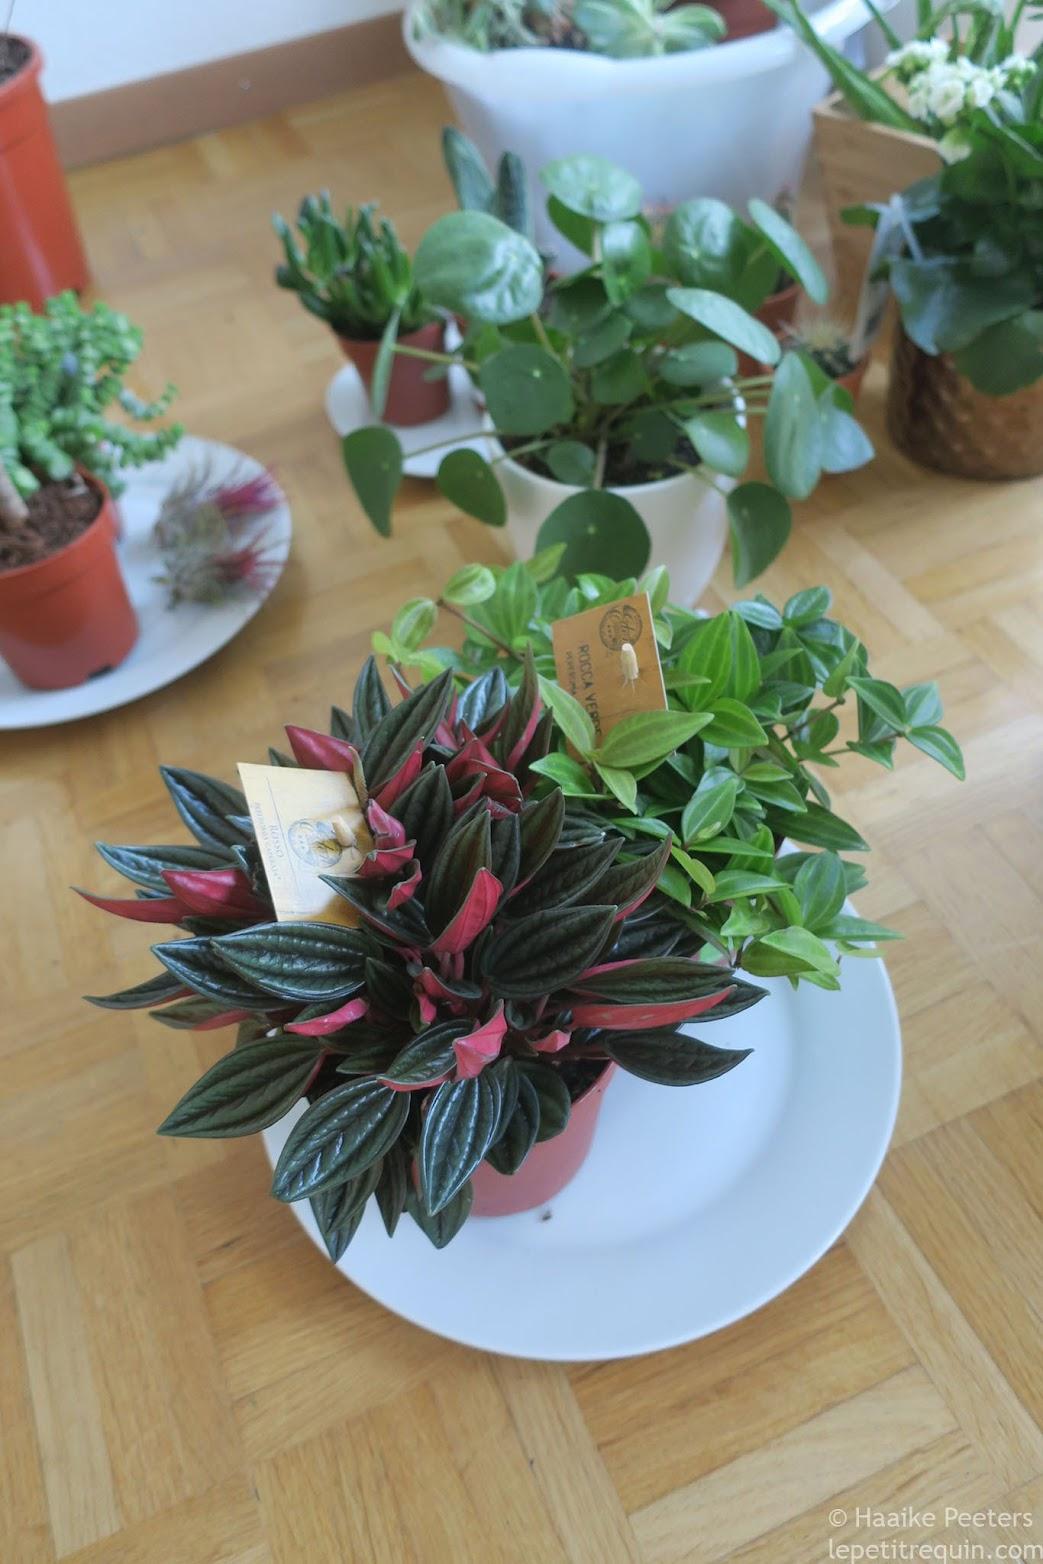 Peperomia angulata rocca verde en Peperomia caperata rosso (Le petit requin)